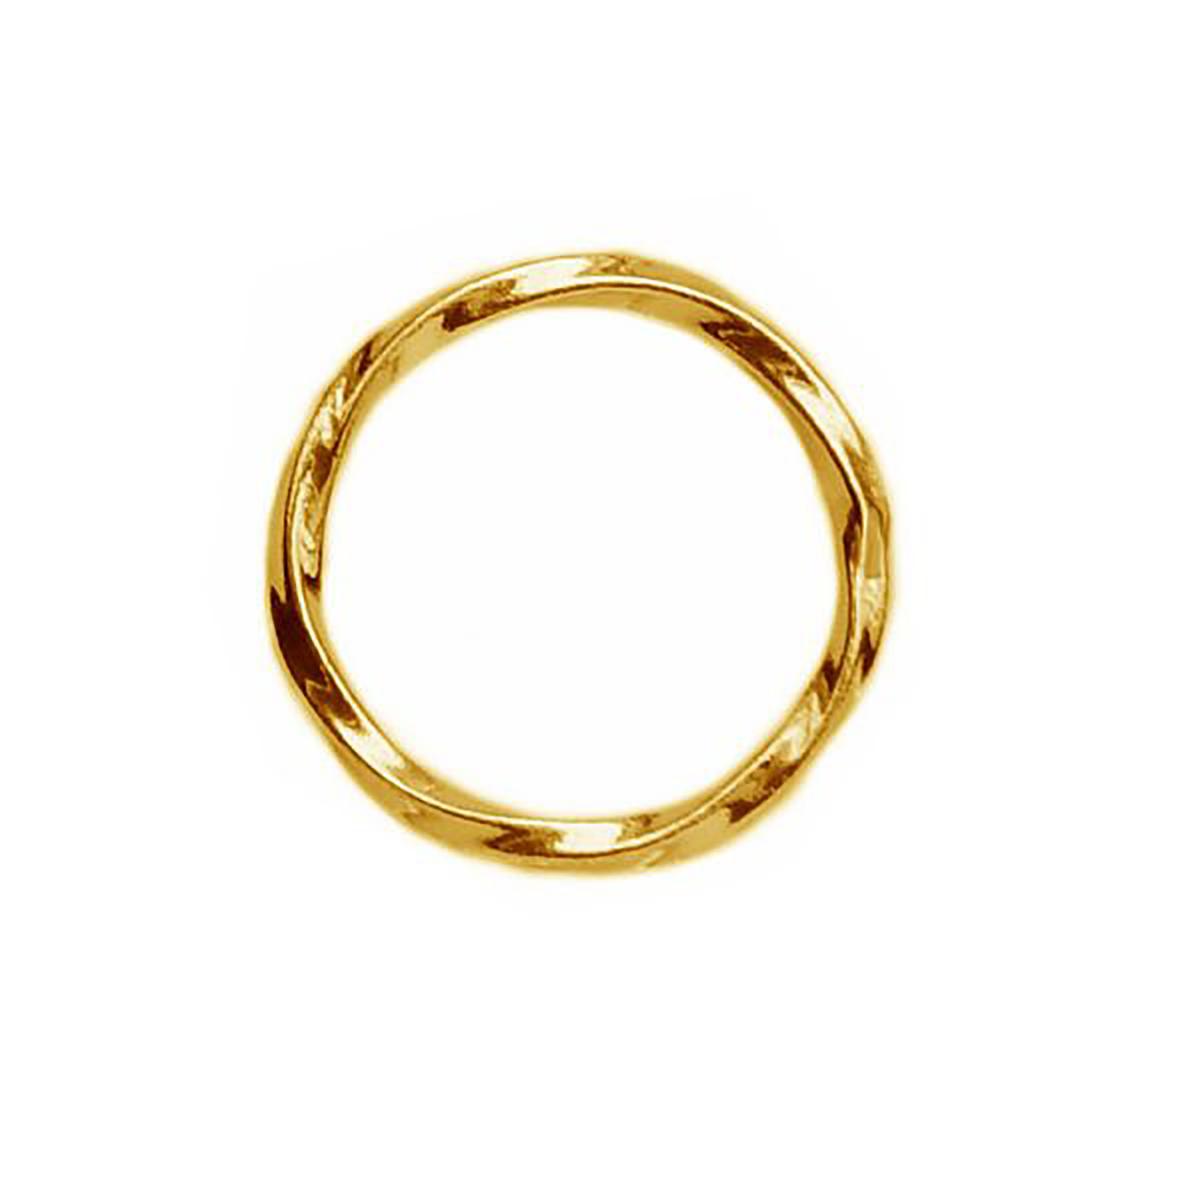 GOLD BASE